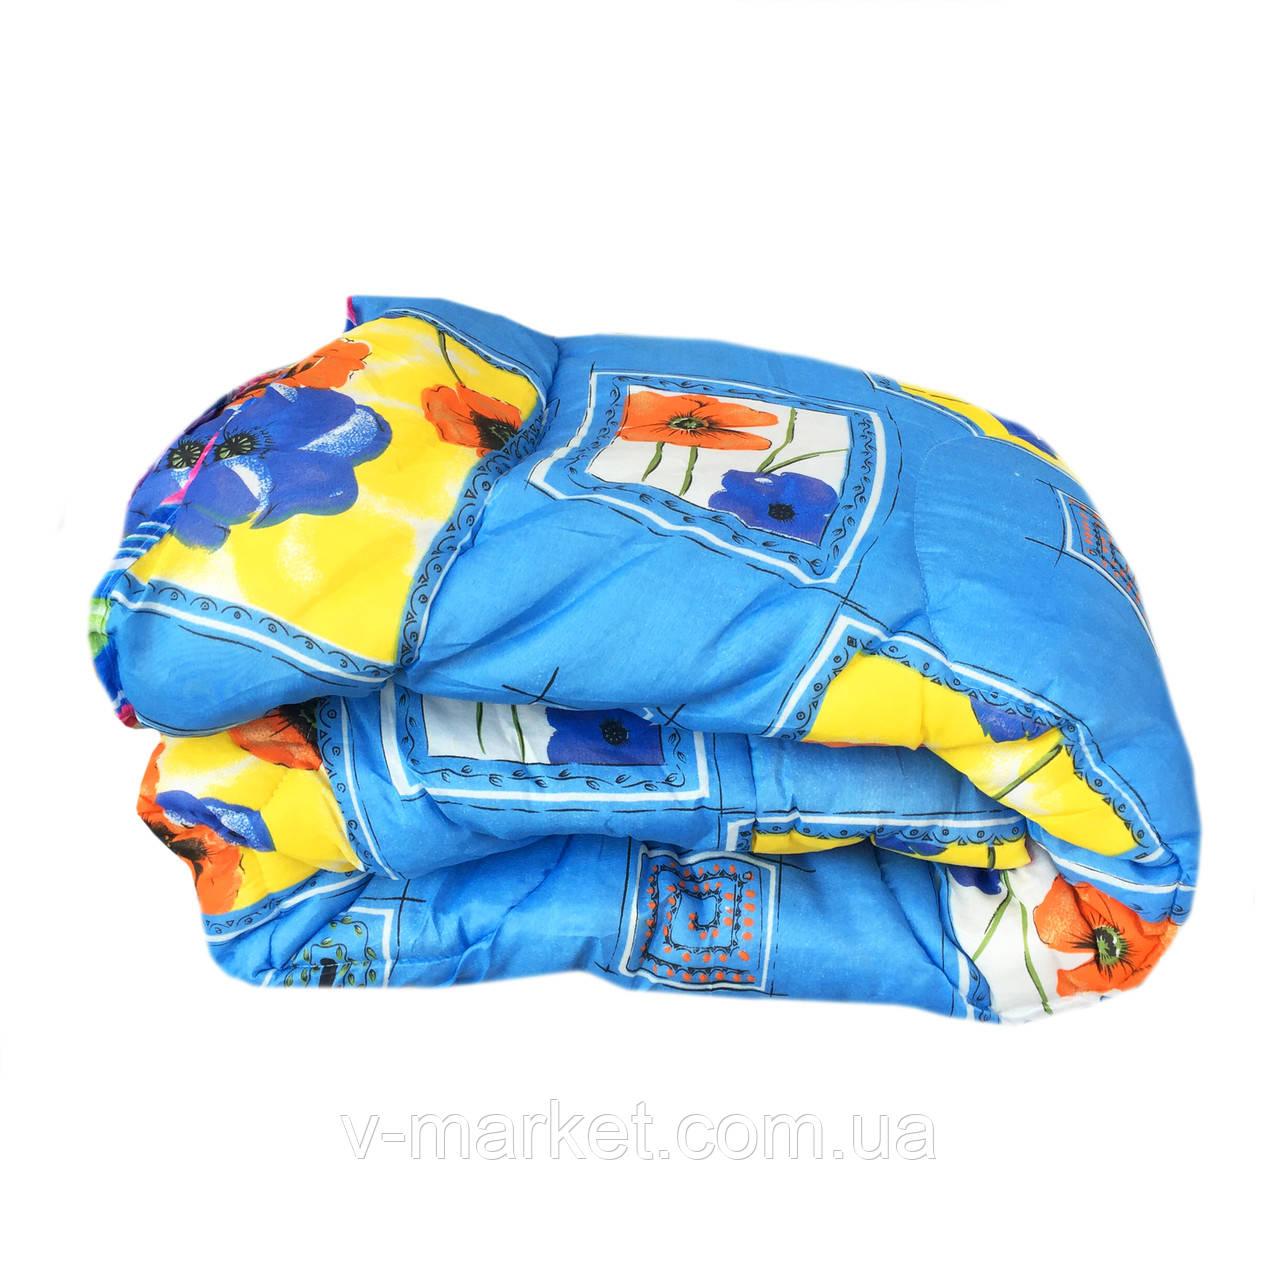 Одеяло двуспальное холлофайбер СТАНДАРТ, ткань бязь (поликоттон)